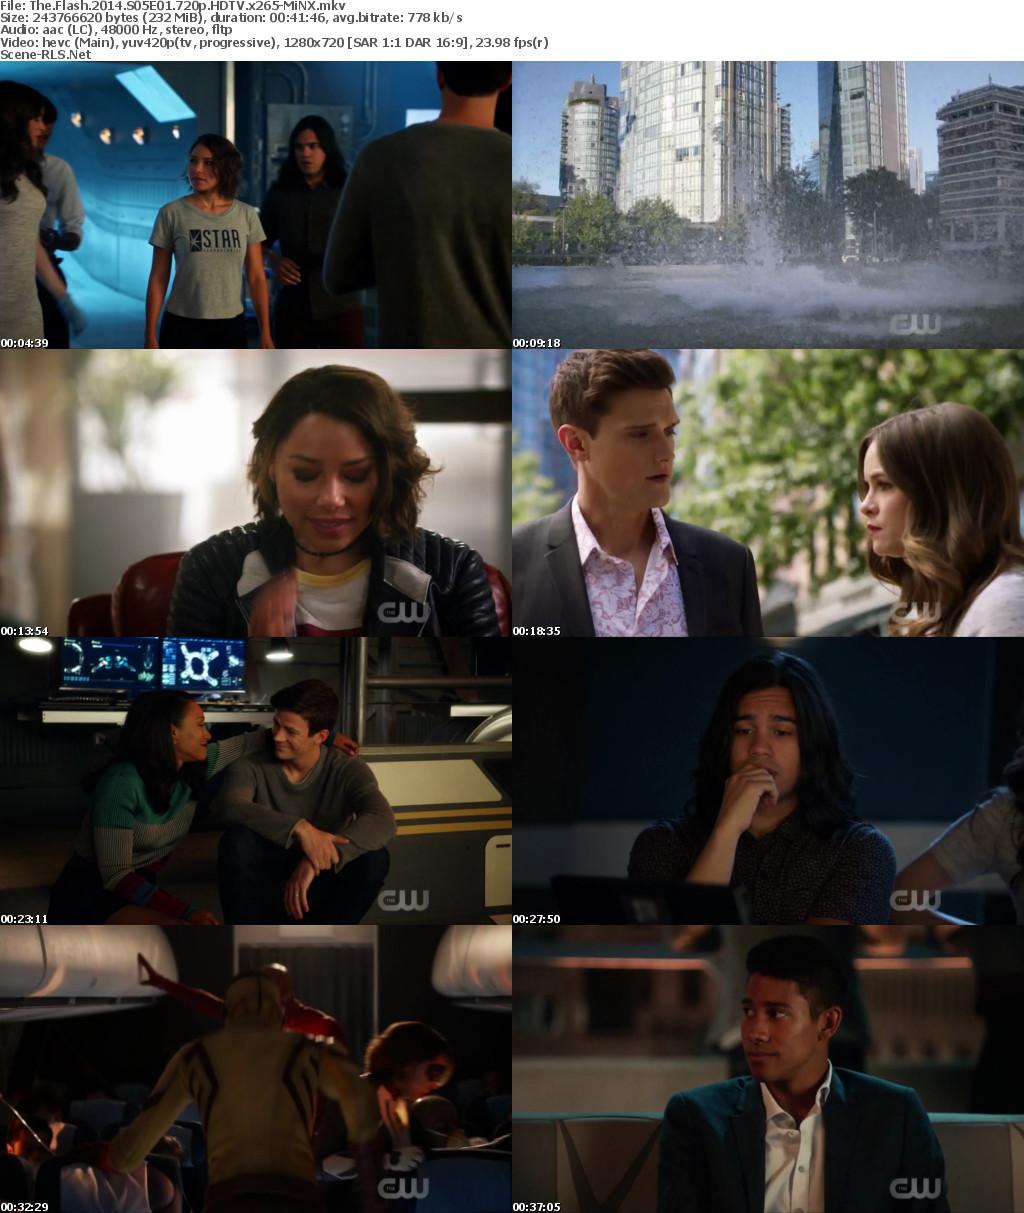 The Flash S05E01 [Season 5 Episode 1] 1080p 640MB 720p 318MB 480p 179MB HDTV x265